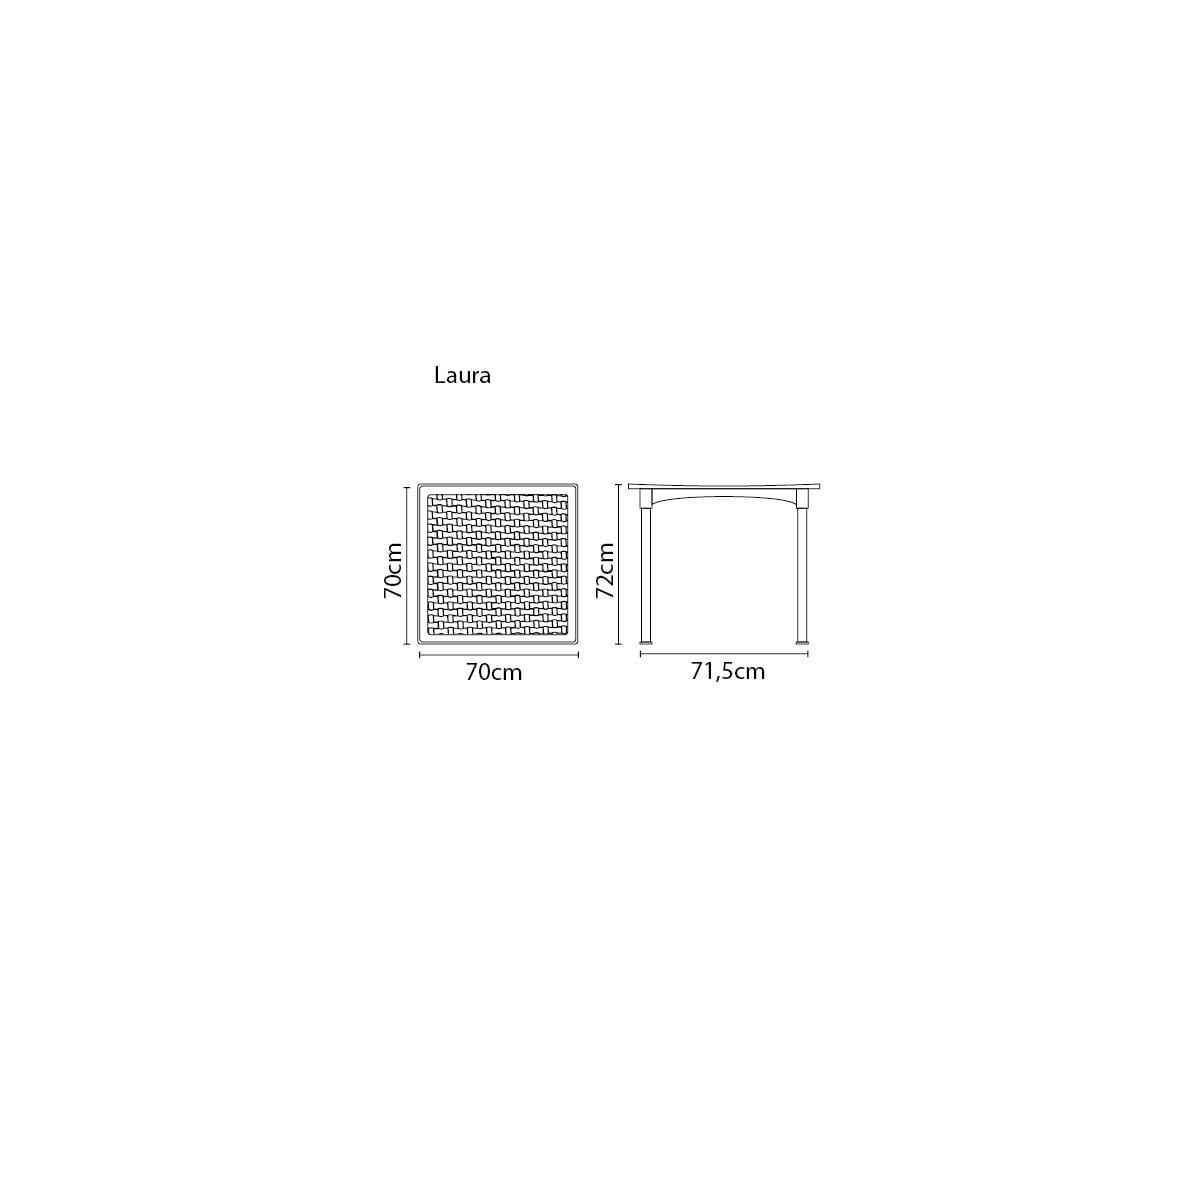 Mesa Tramontina Laura Rattan 70 cm em Polipropileno Preto com Pernas de Alumínio Anodizado